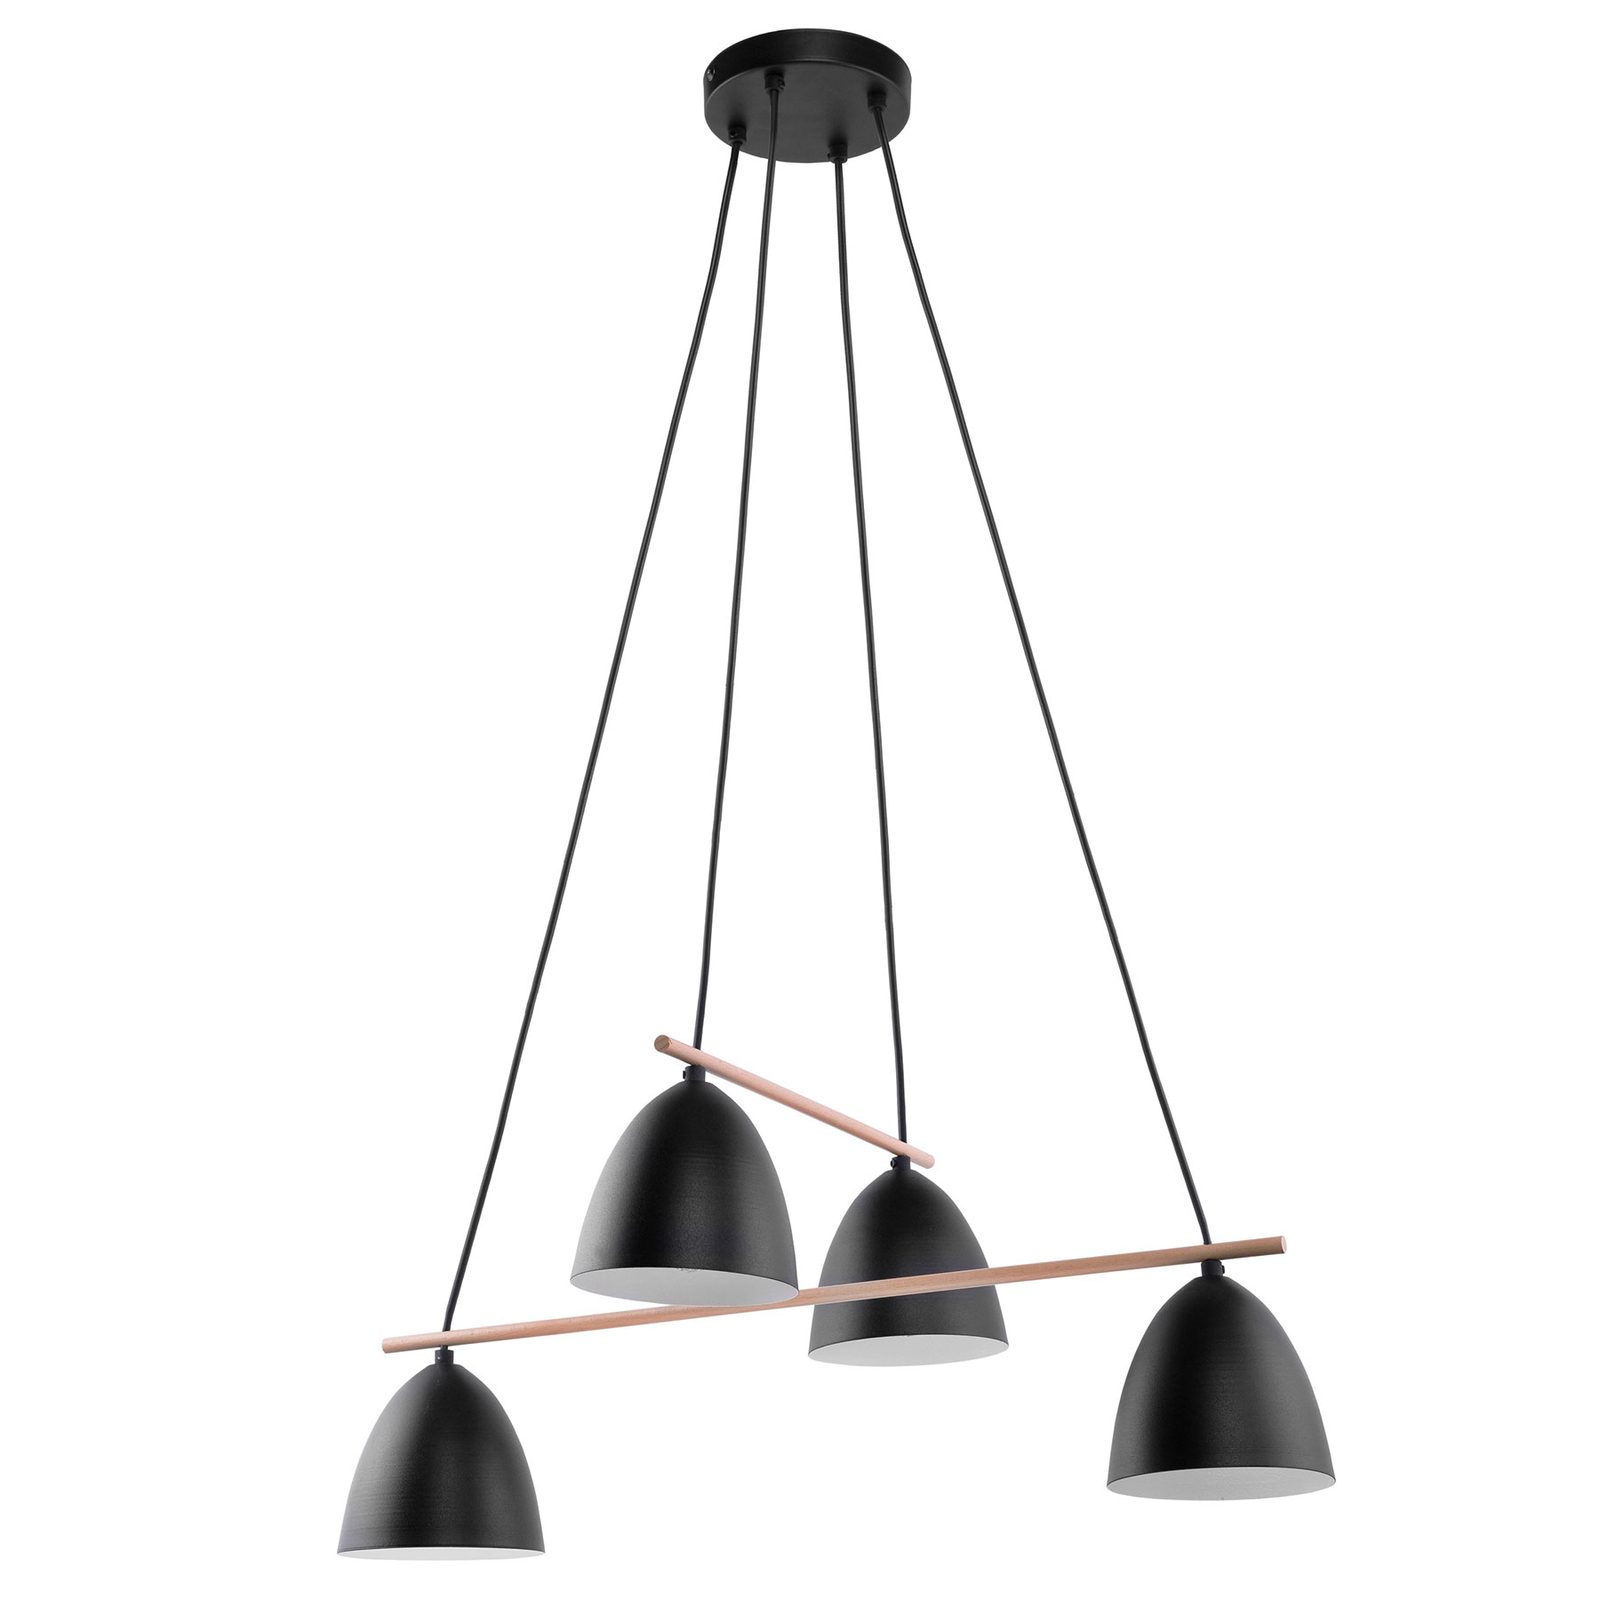 Aida hængelampe, 4 lyskilder, sort